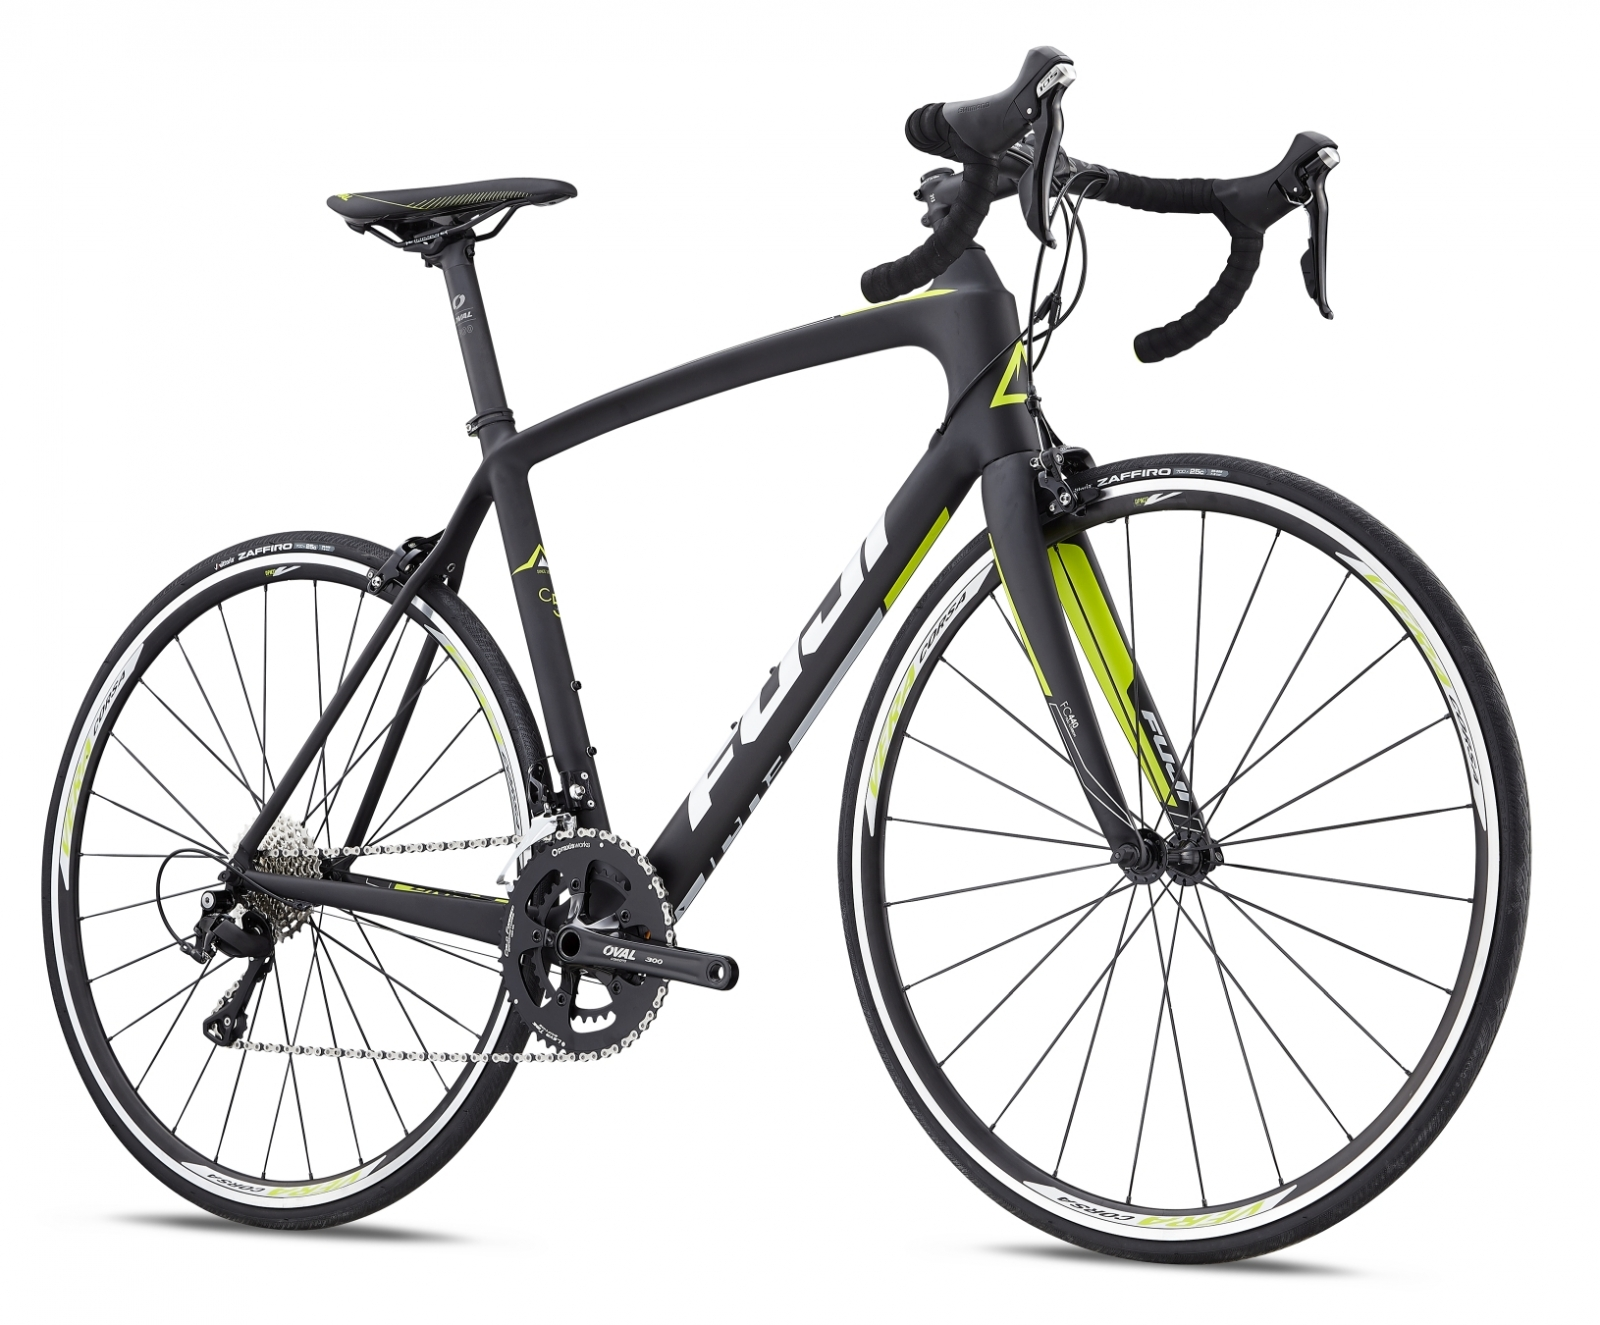 b797dd99fed FUJI GRAN FONDO CLASSICO 1.3 (2018) - 6336.00 zł. Sklep rowerowy ...